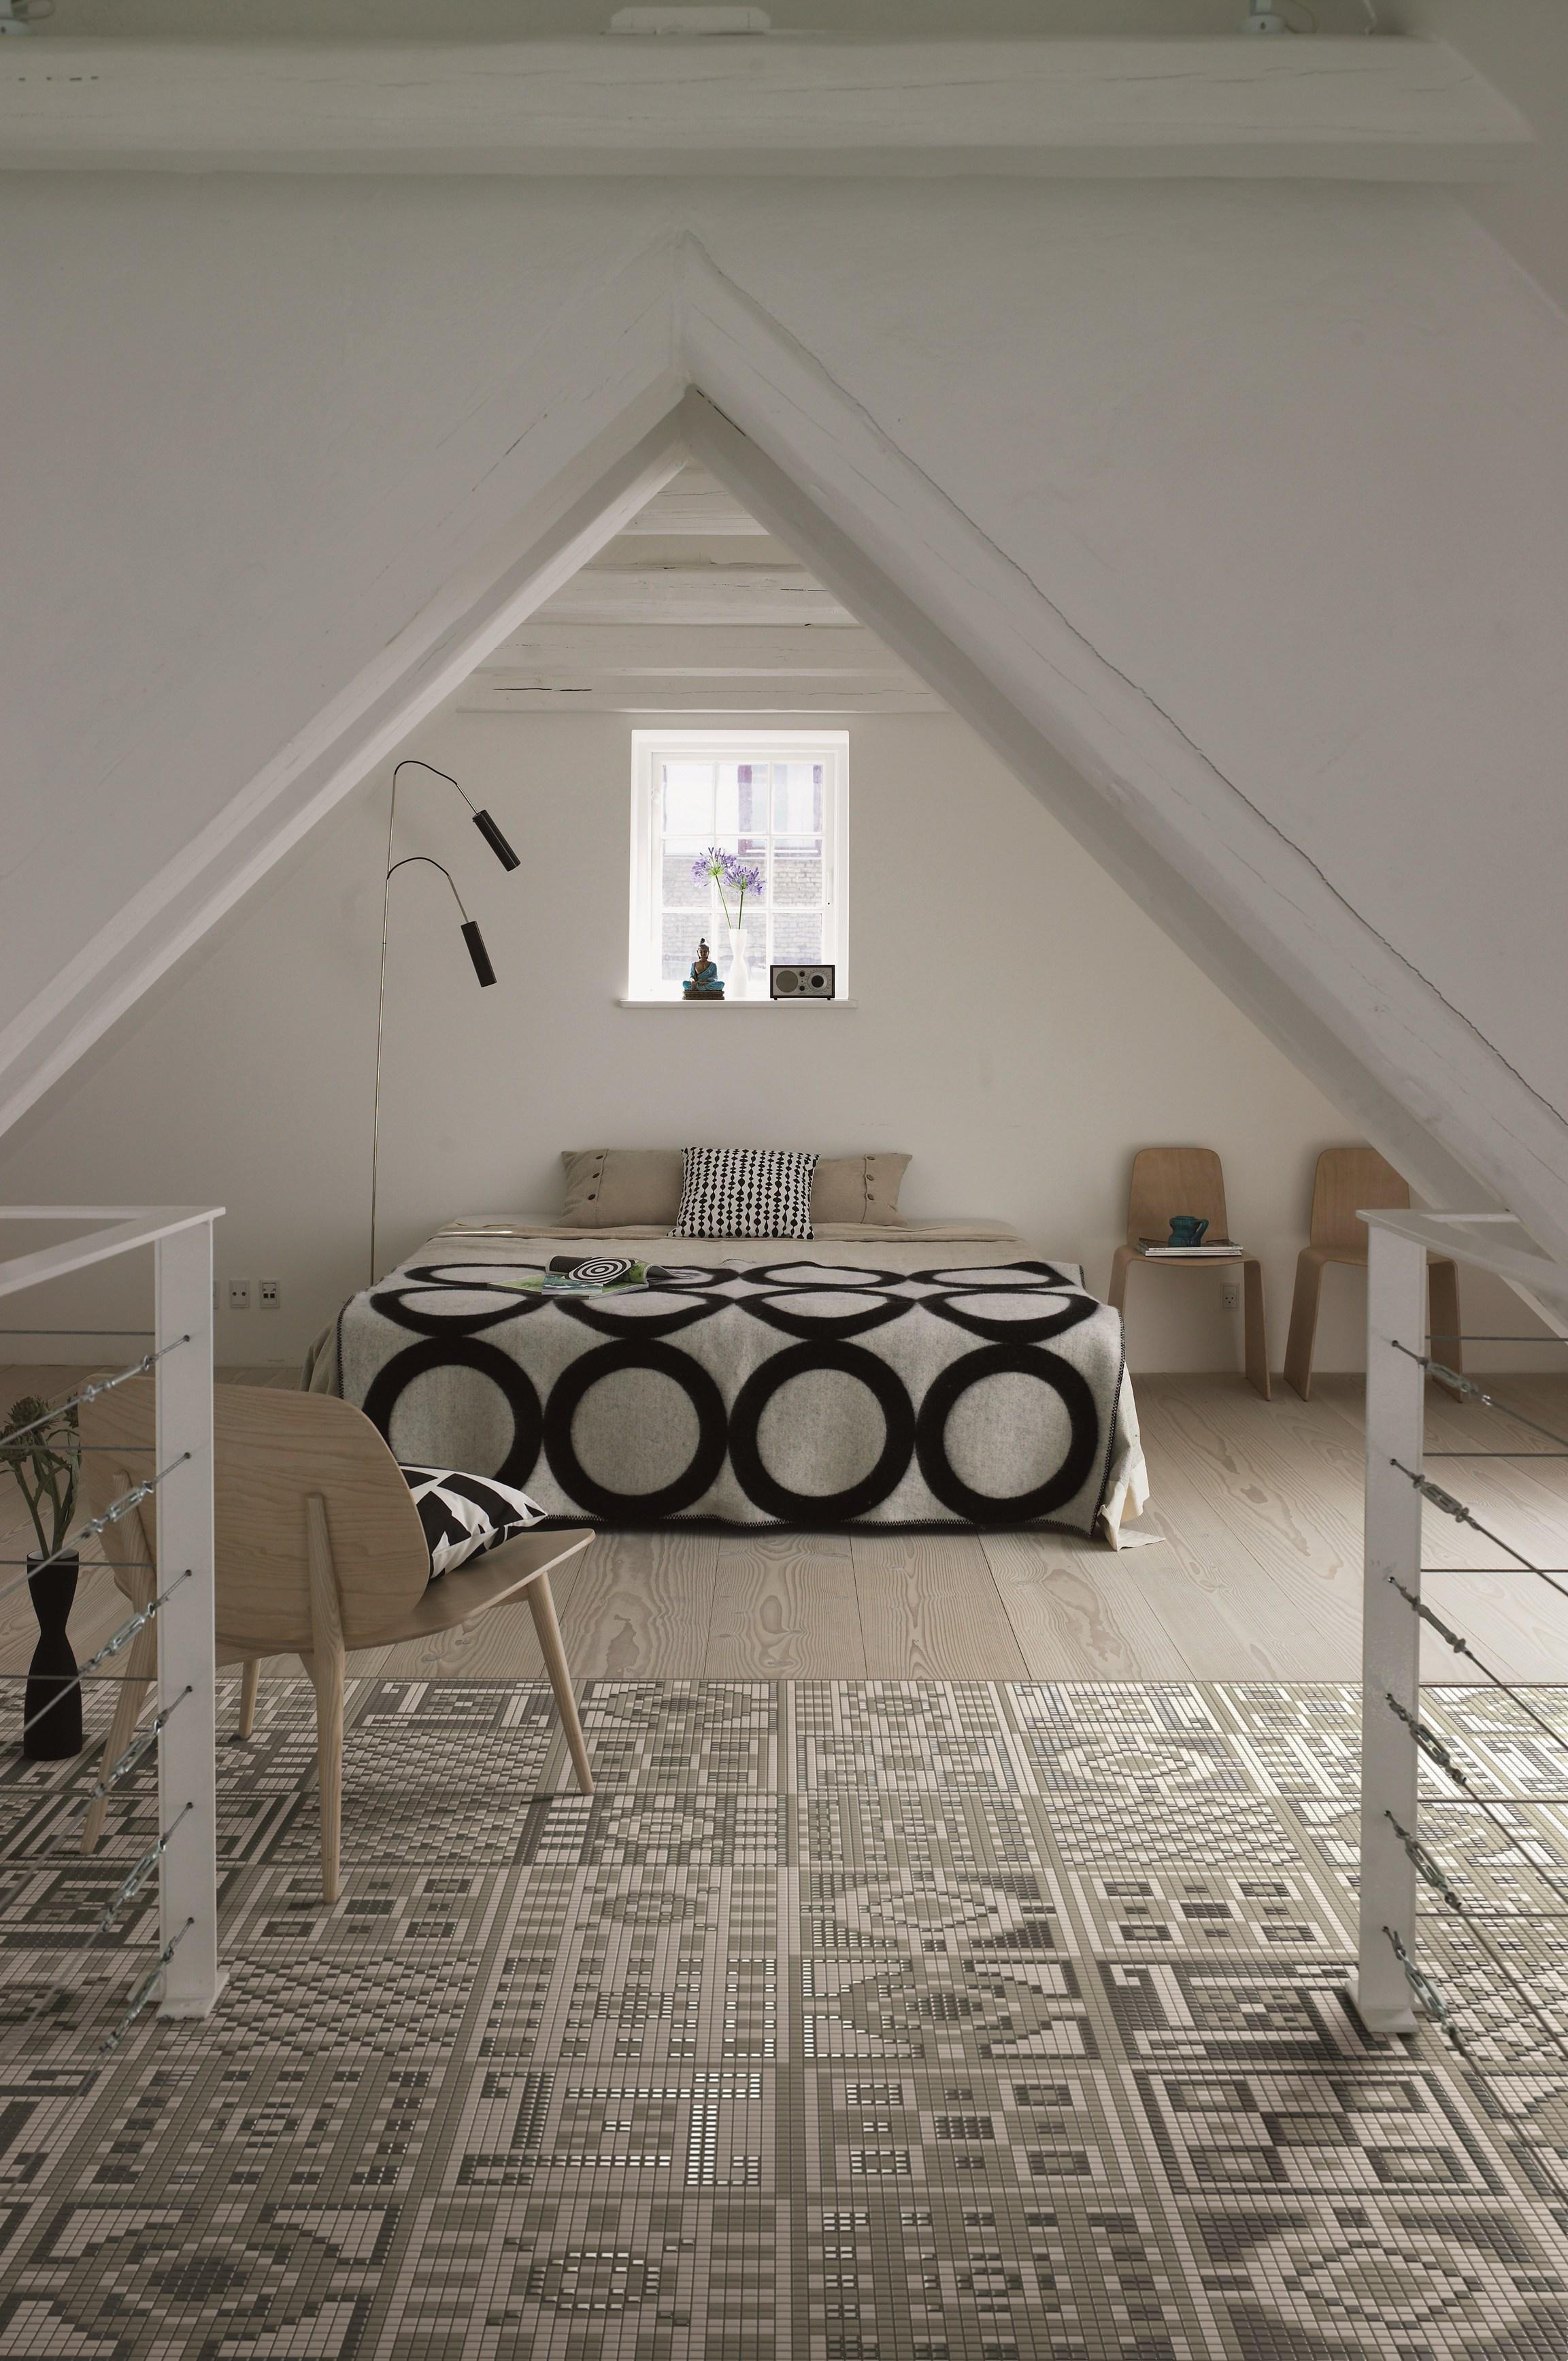 3 tendenze per la decorazione di interni per il 2016 - Blog decorazione interni ...